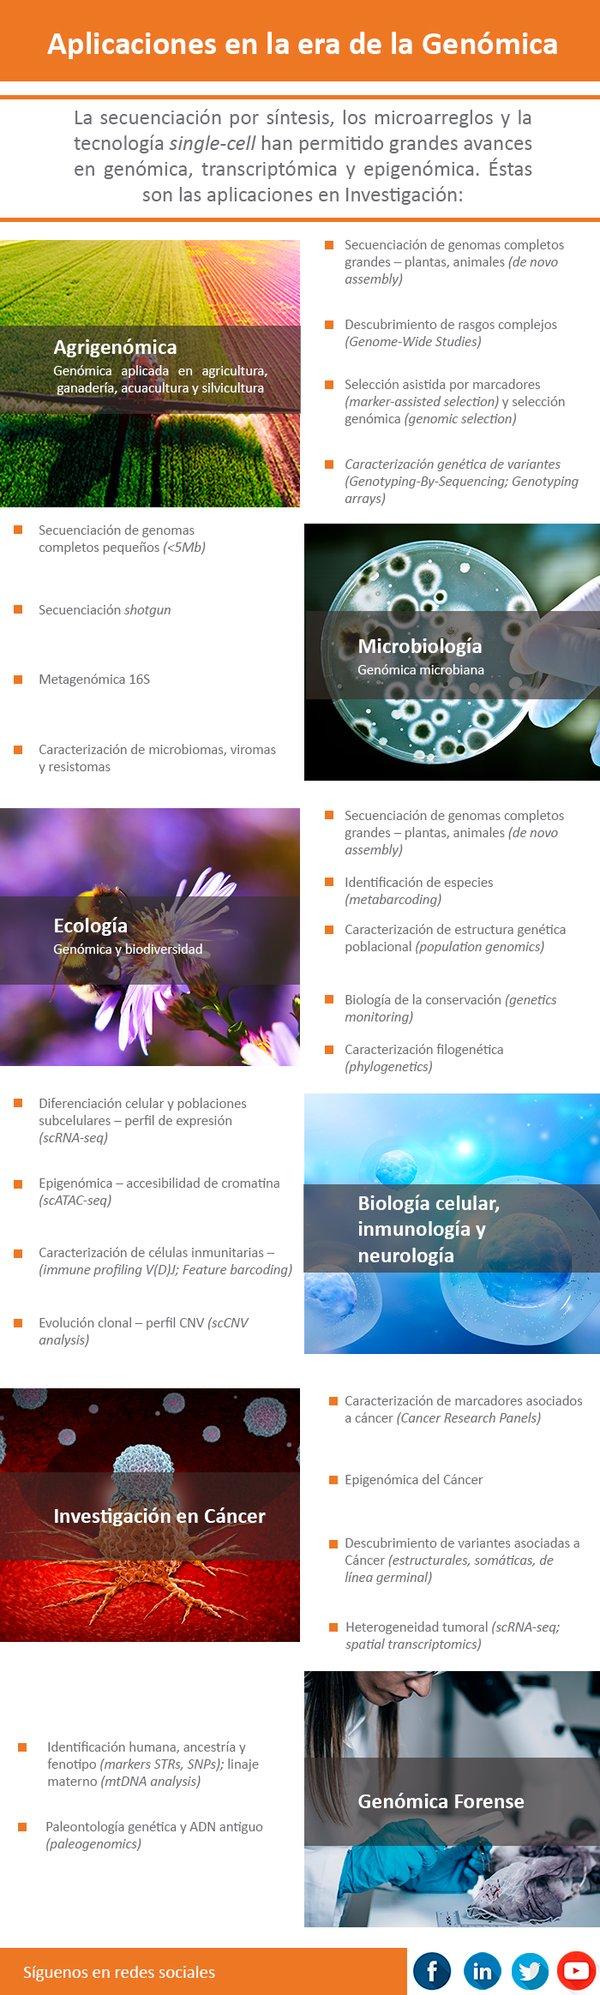 Infografía_Aplicaciones en la era de la Genómica_1